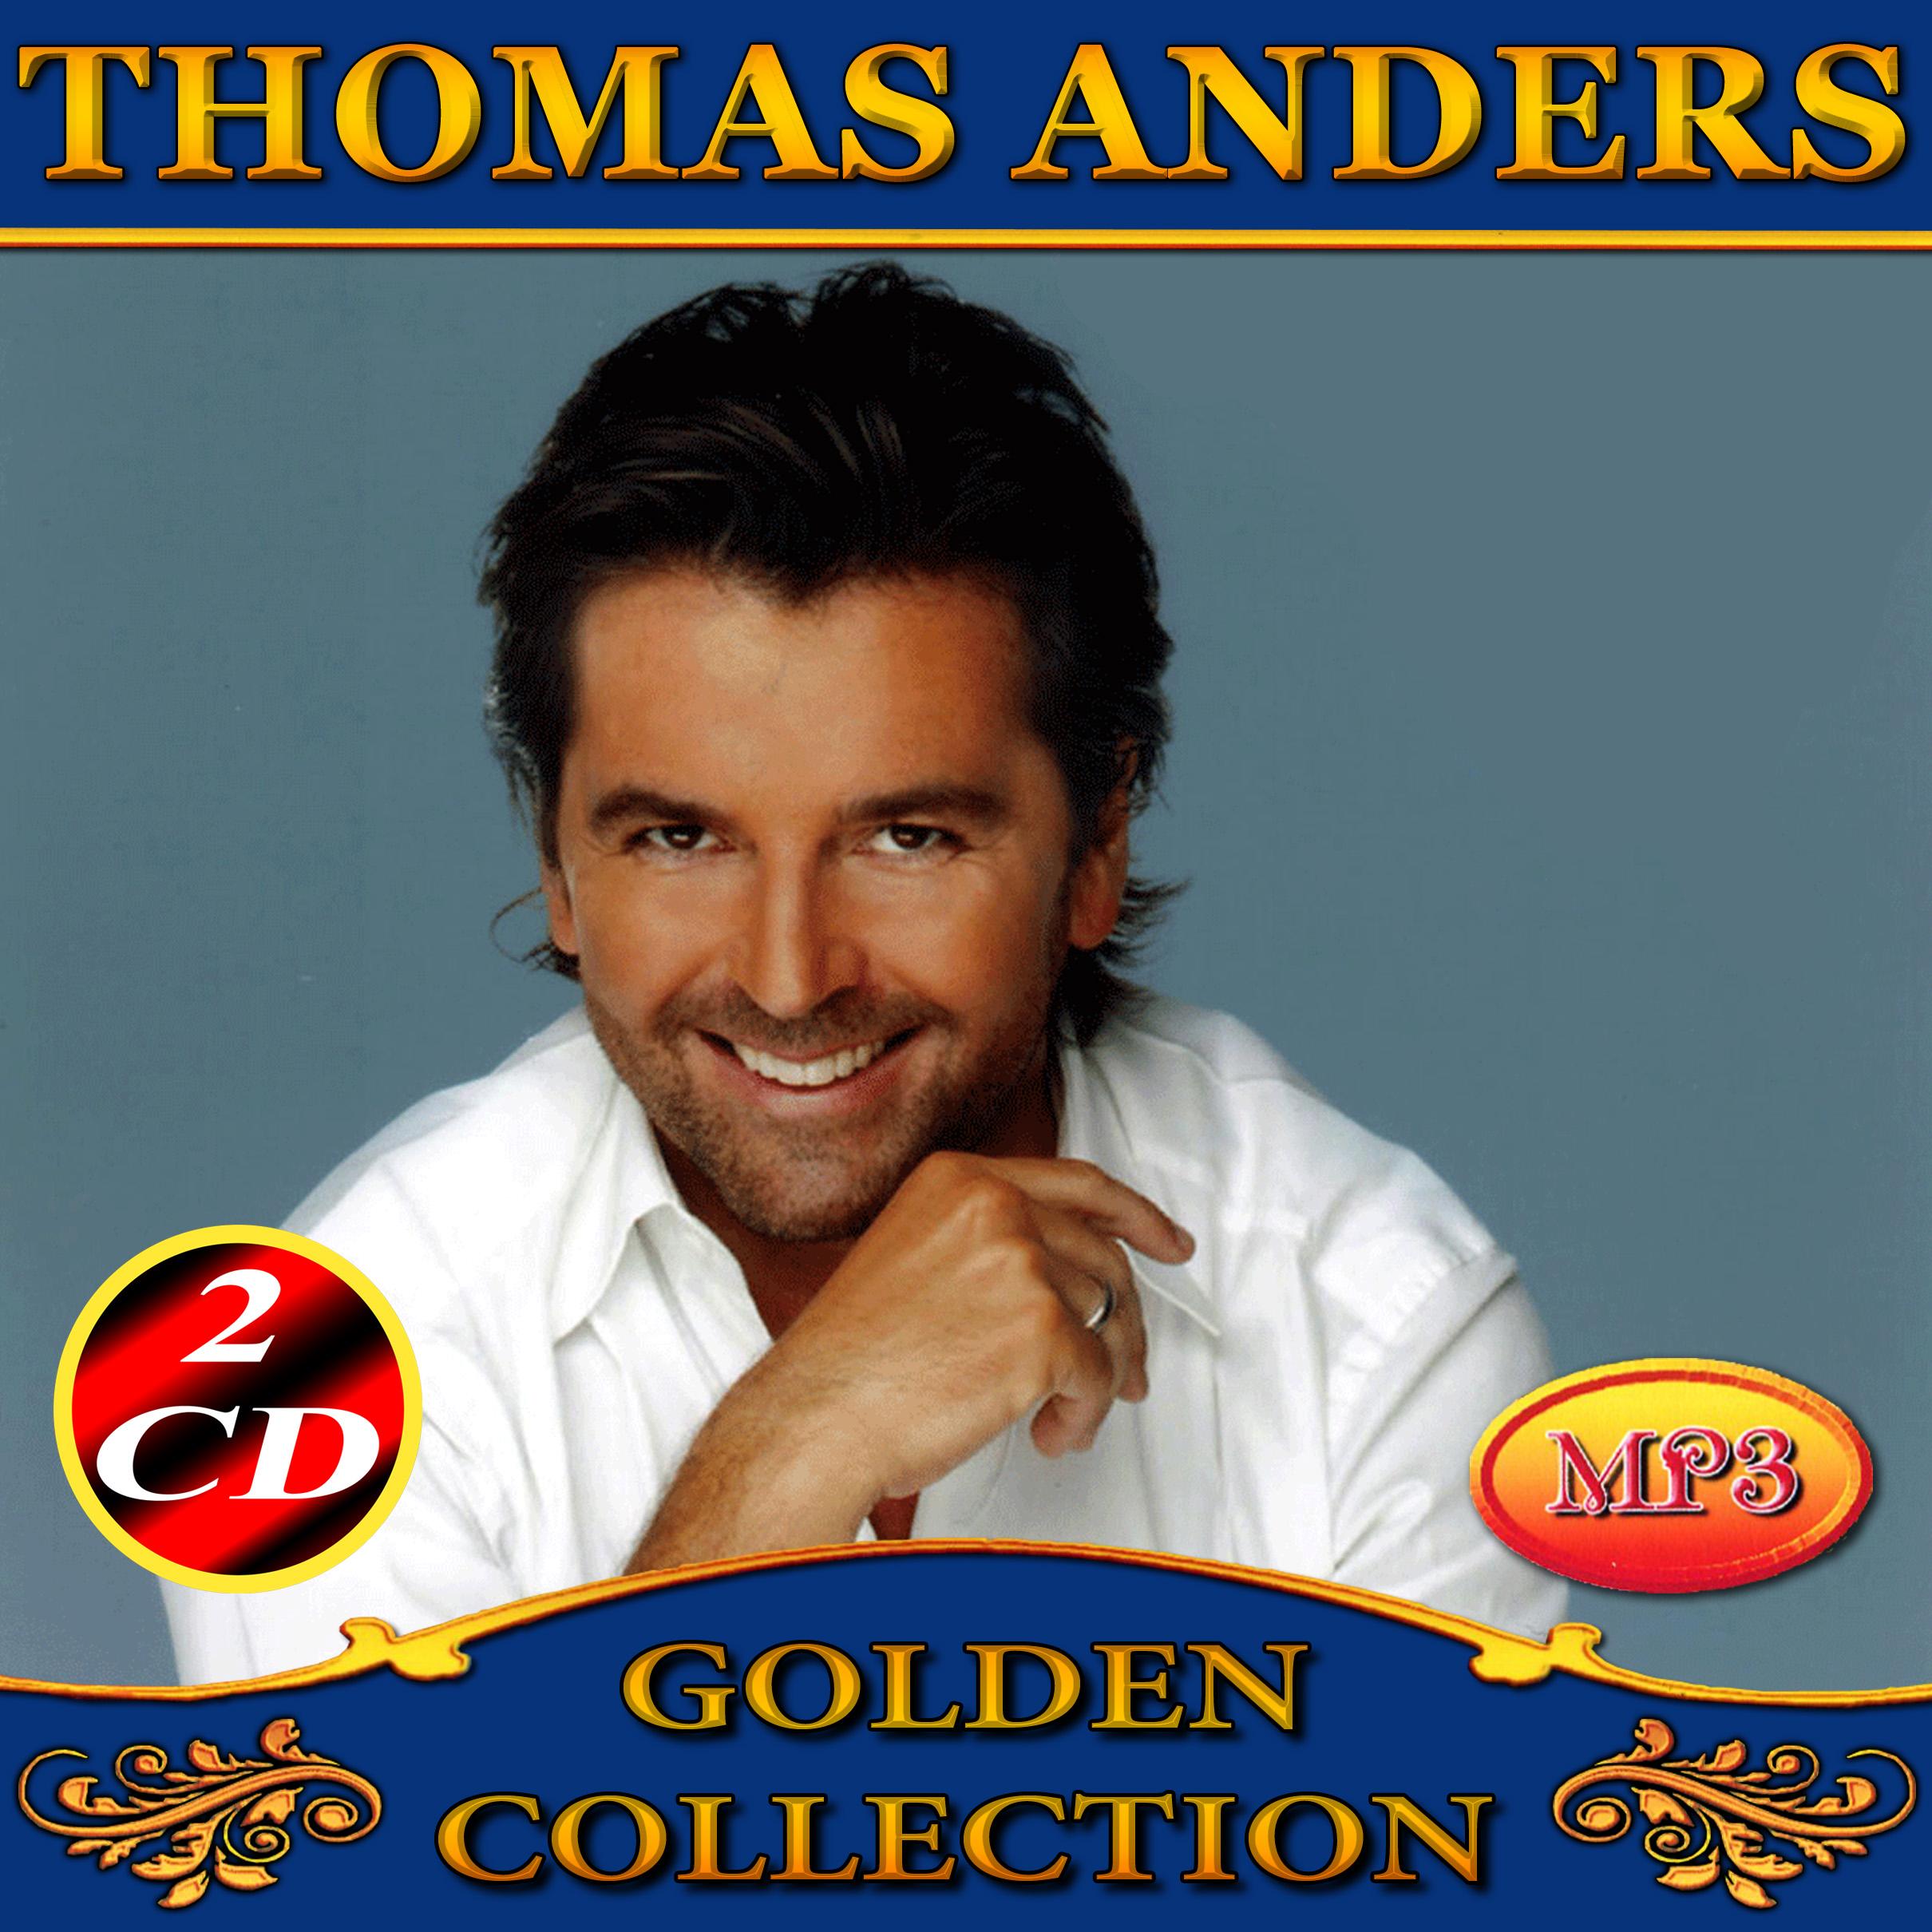 Thomas Anders 2cd [mp3]